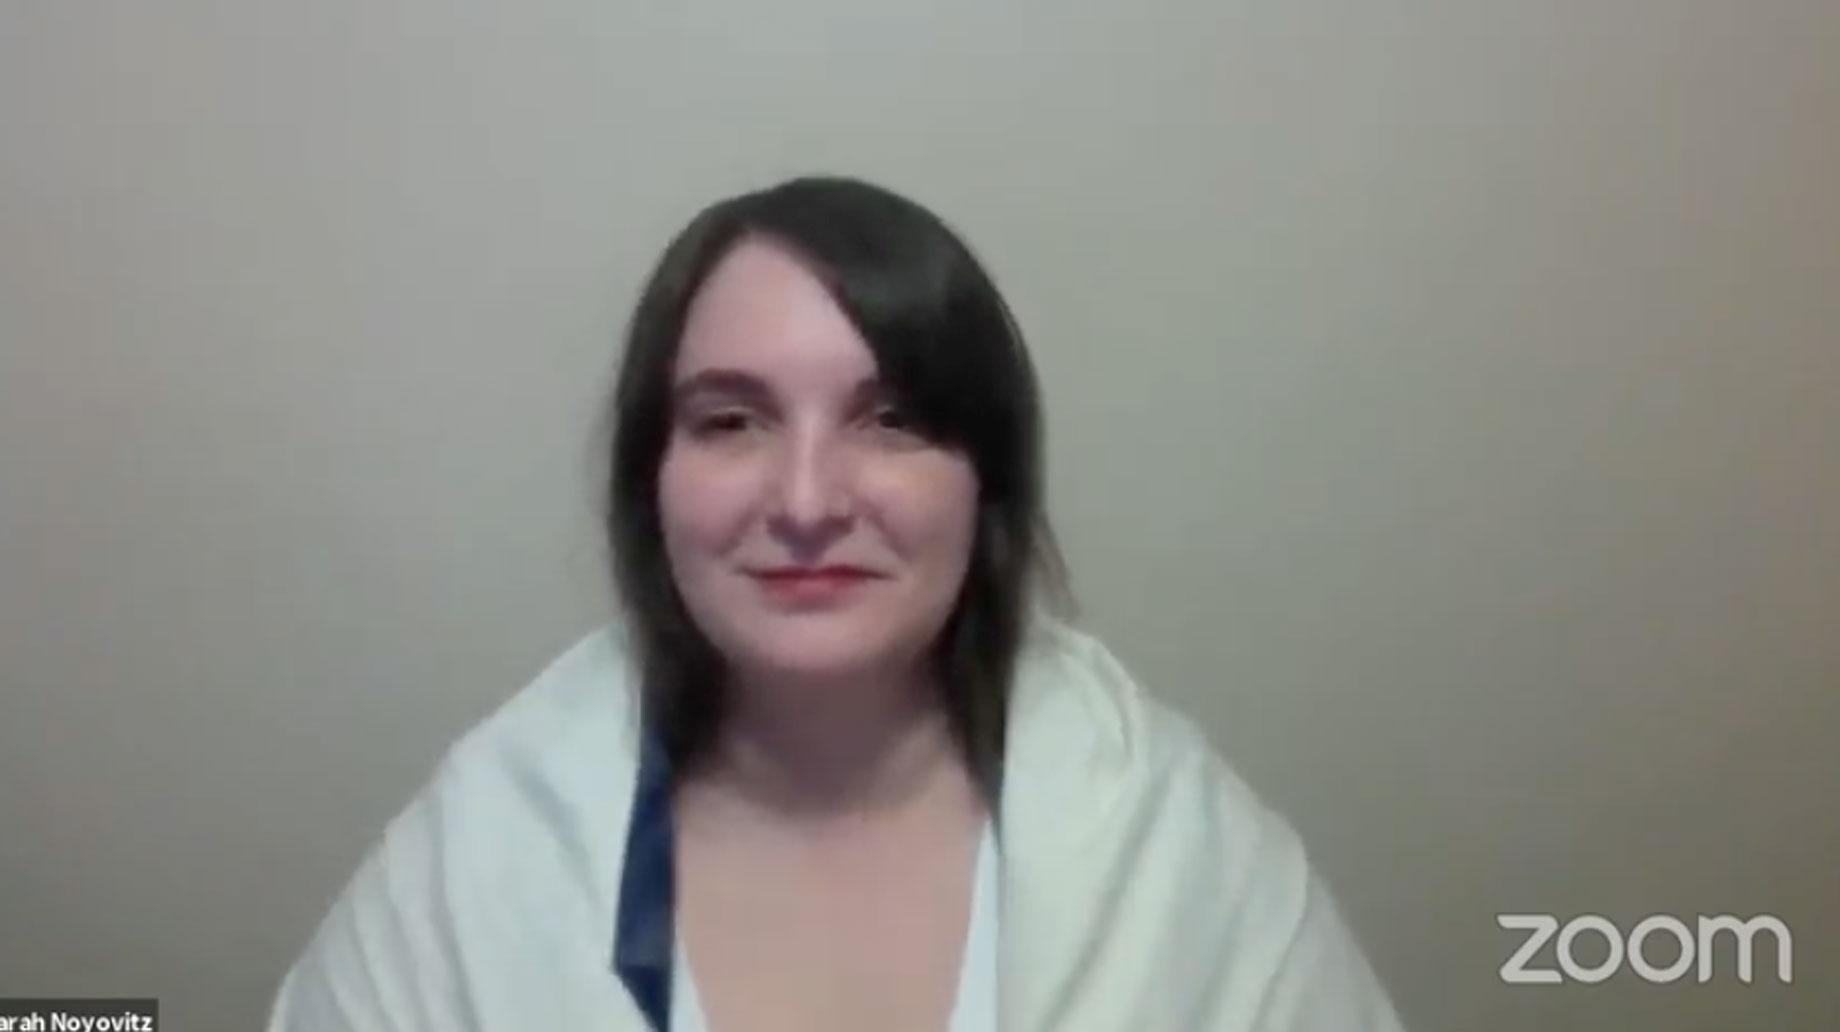 Rabbi Sarah Noyovitz